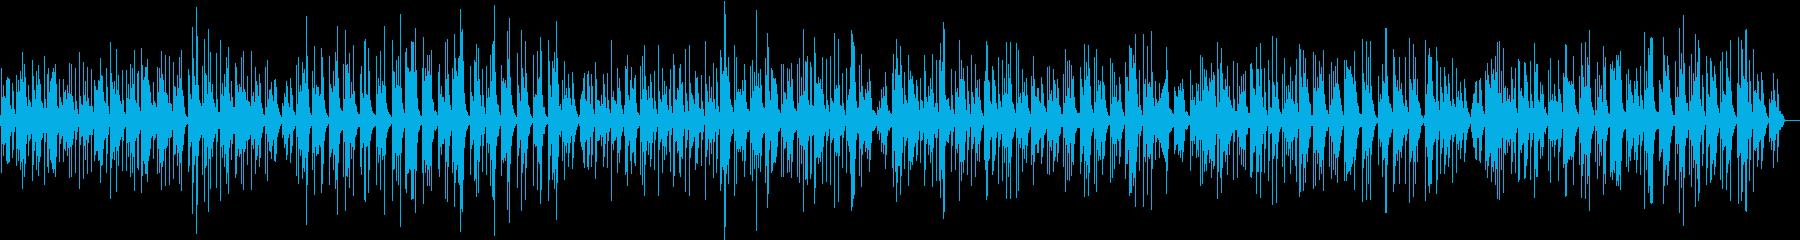 リラックス出来そうなゆったりとしピアノ曲の再生済みの波形